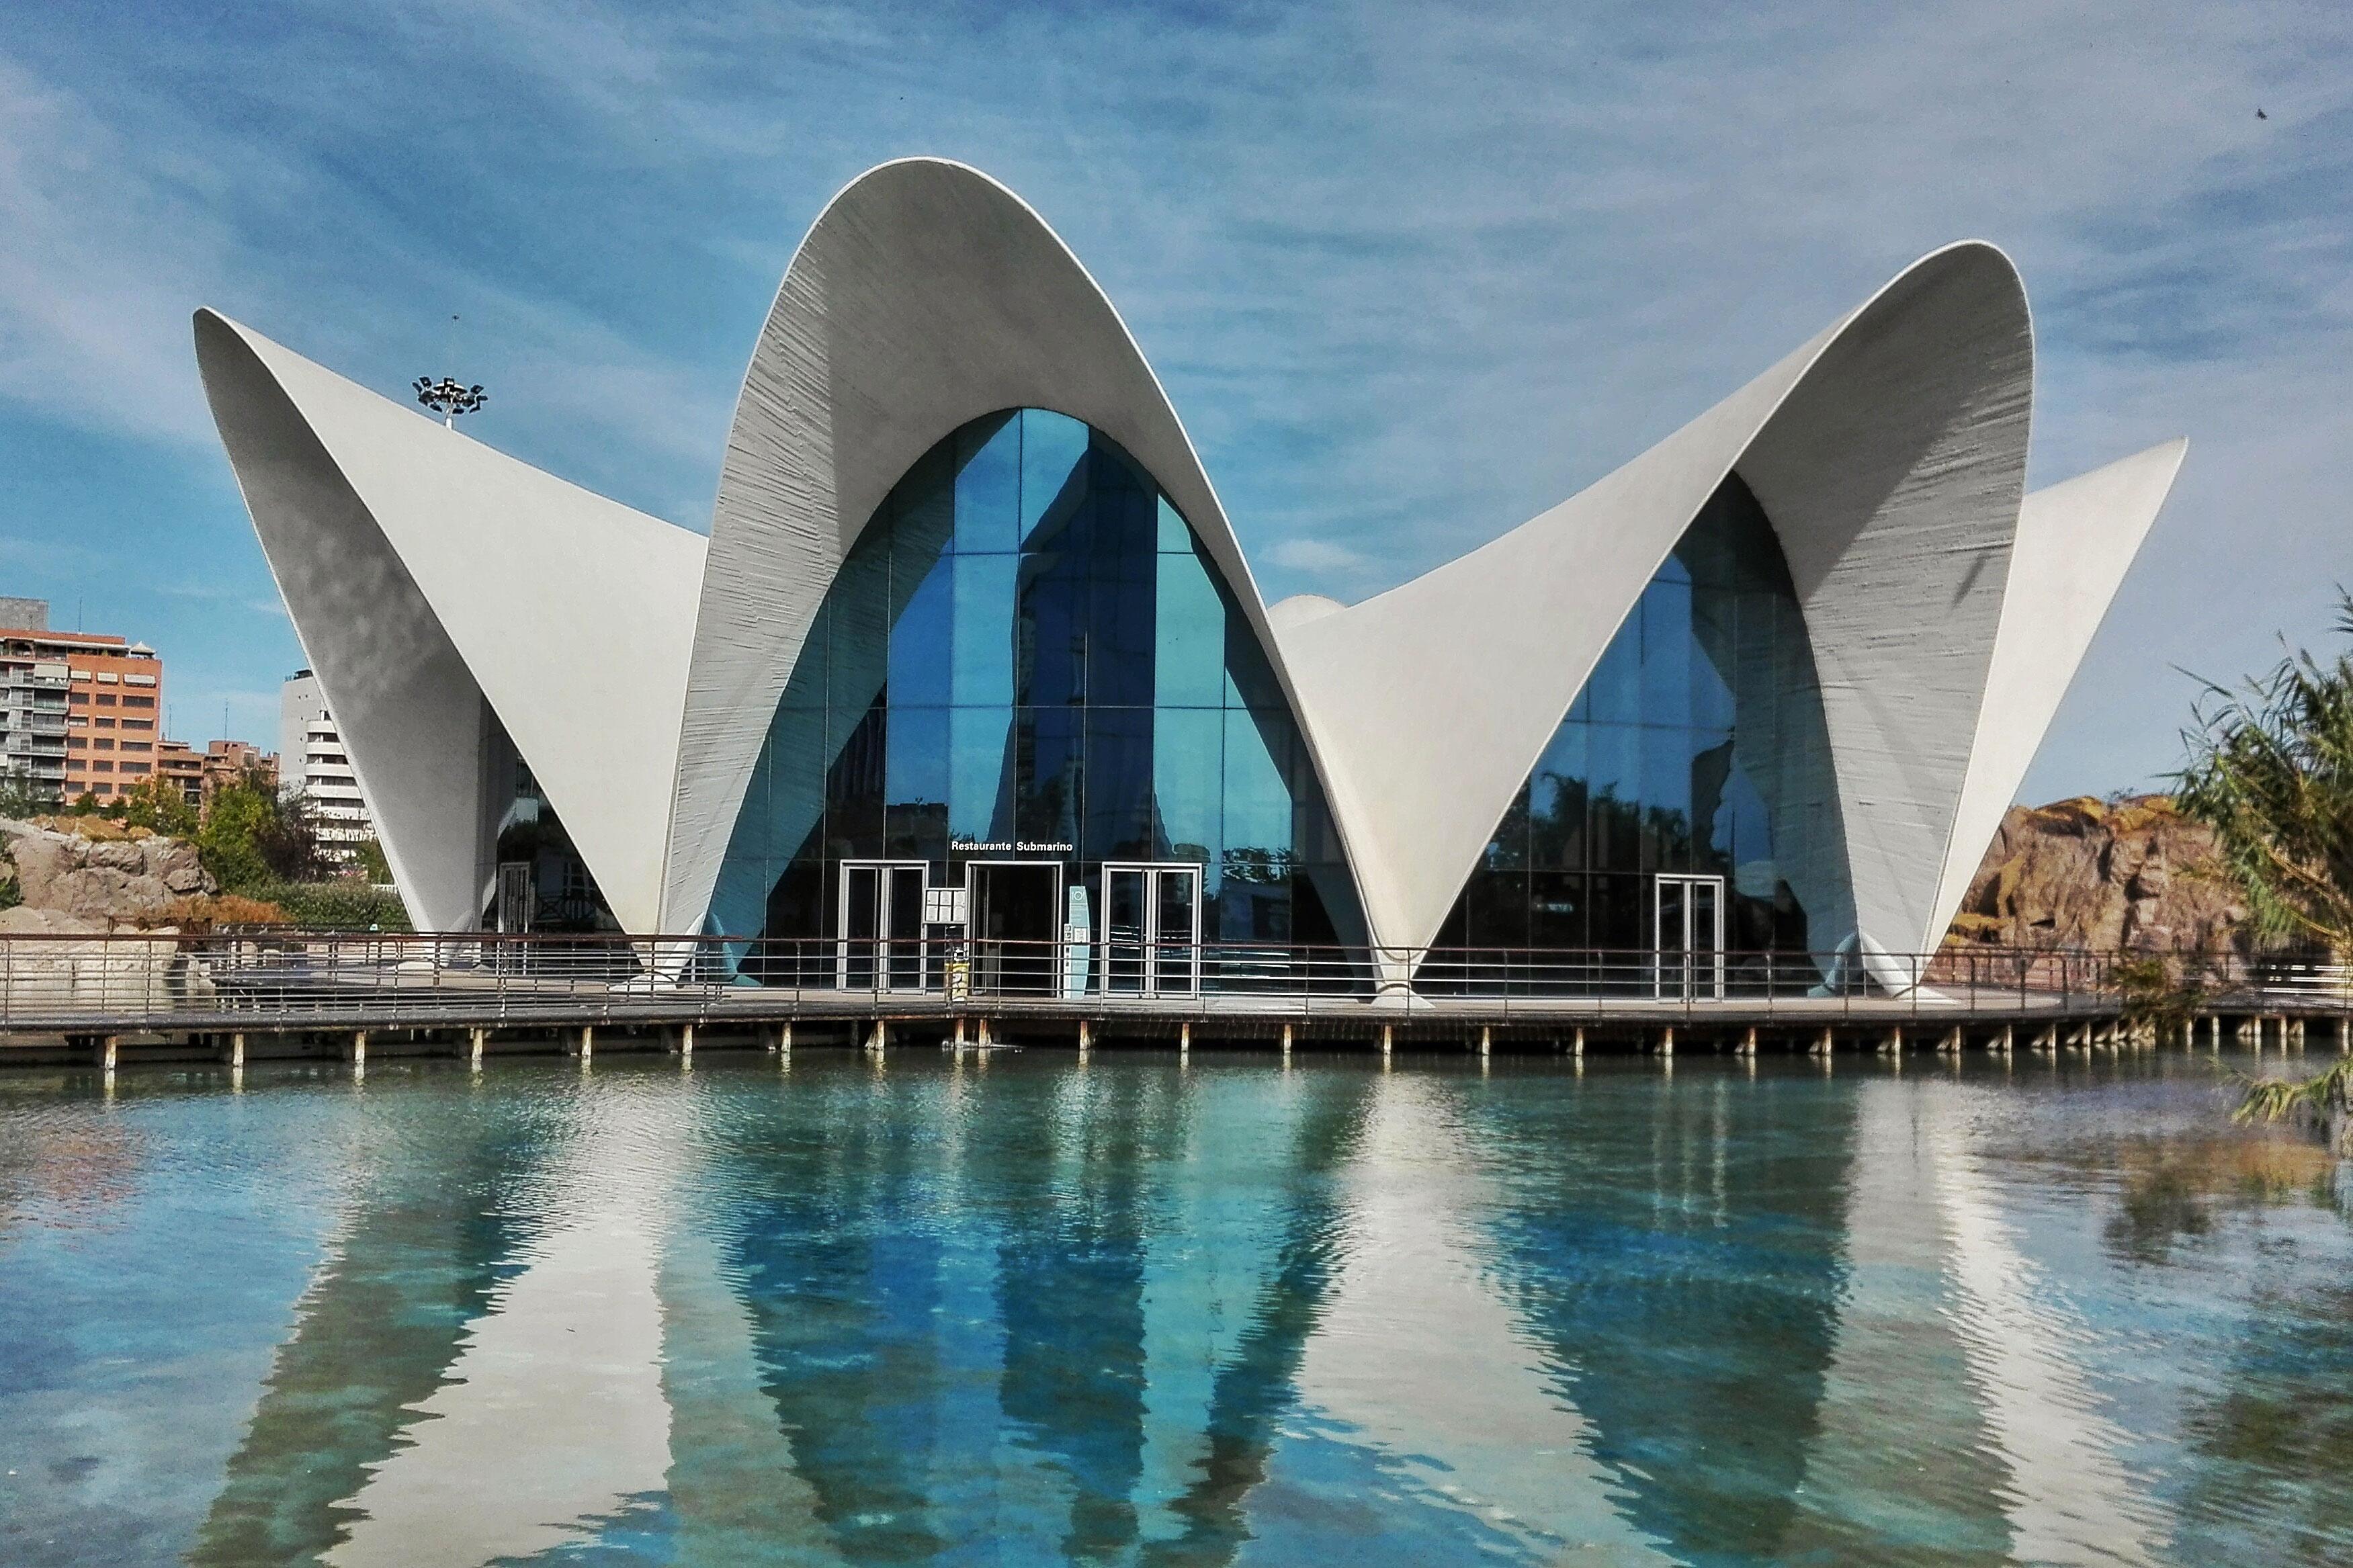 acquario-valencia-museo-oceanografico